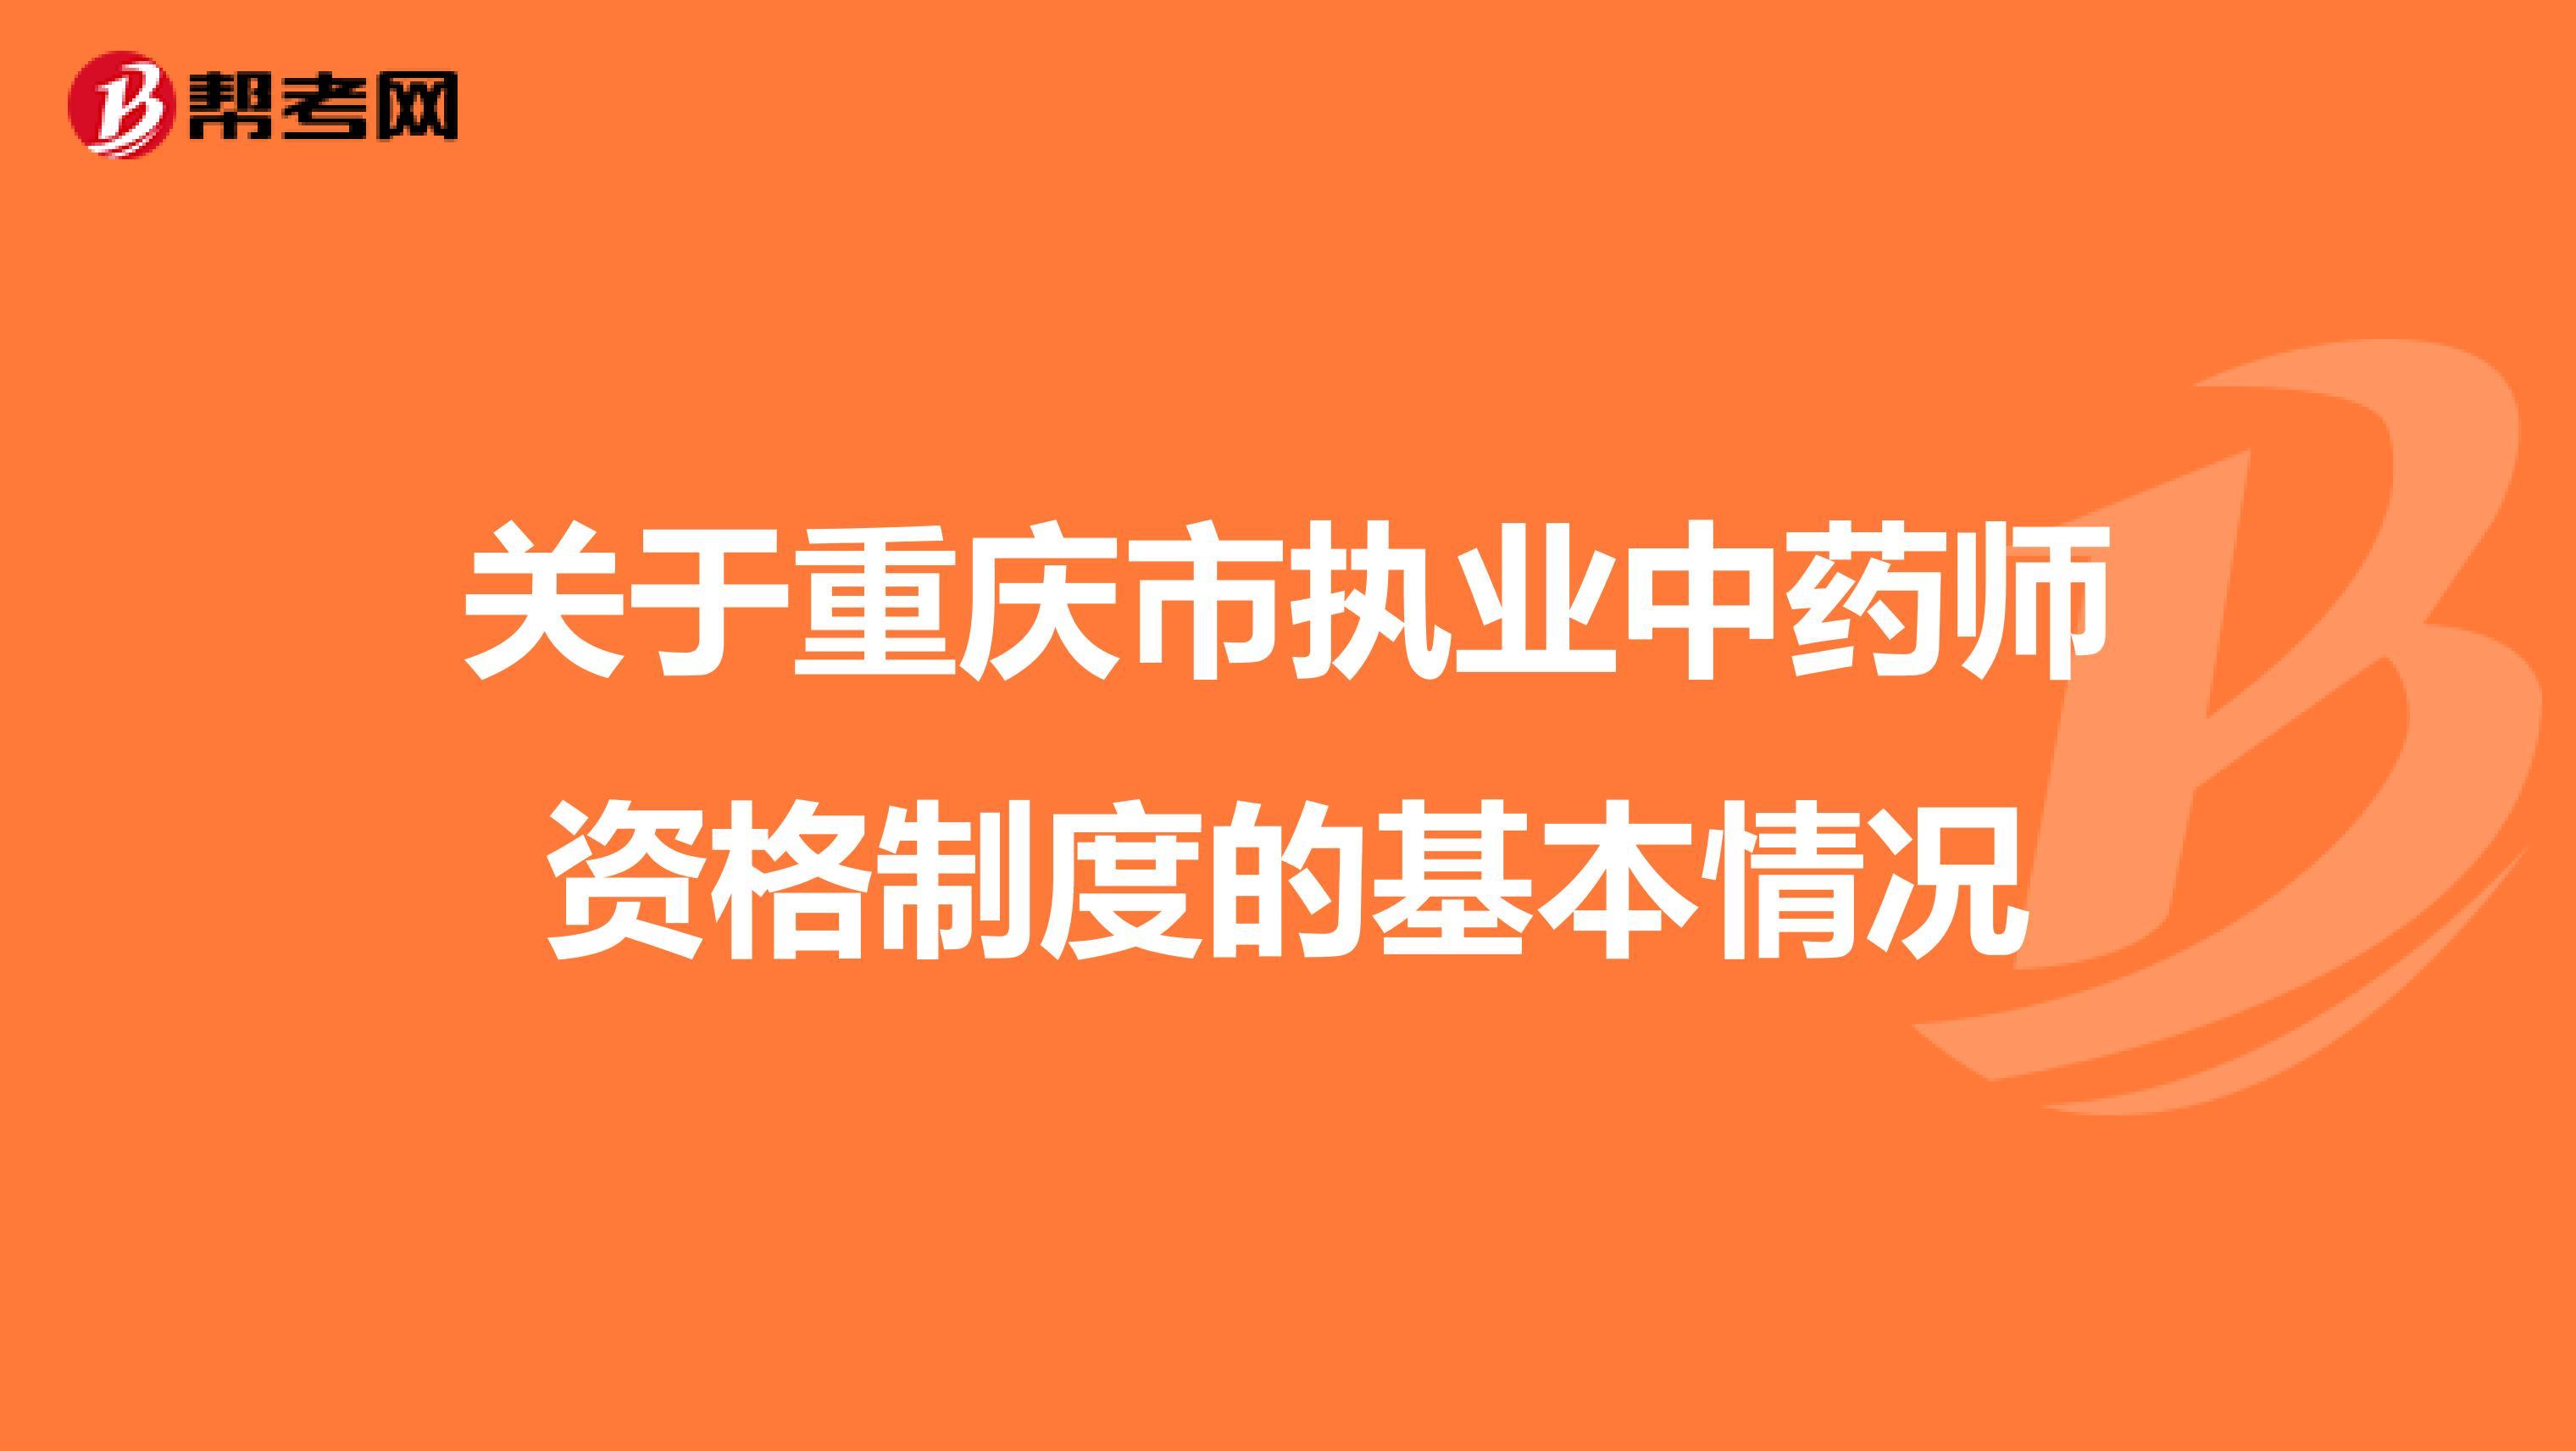 關于重慶市執業中藥師資格制度的基本情況